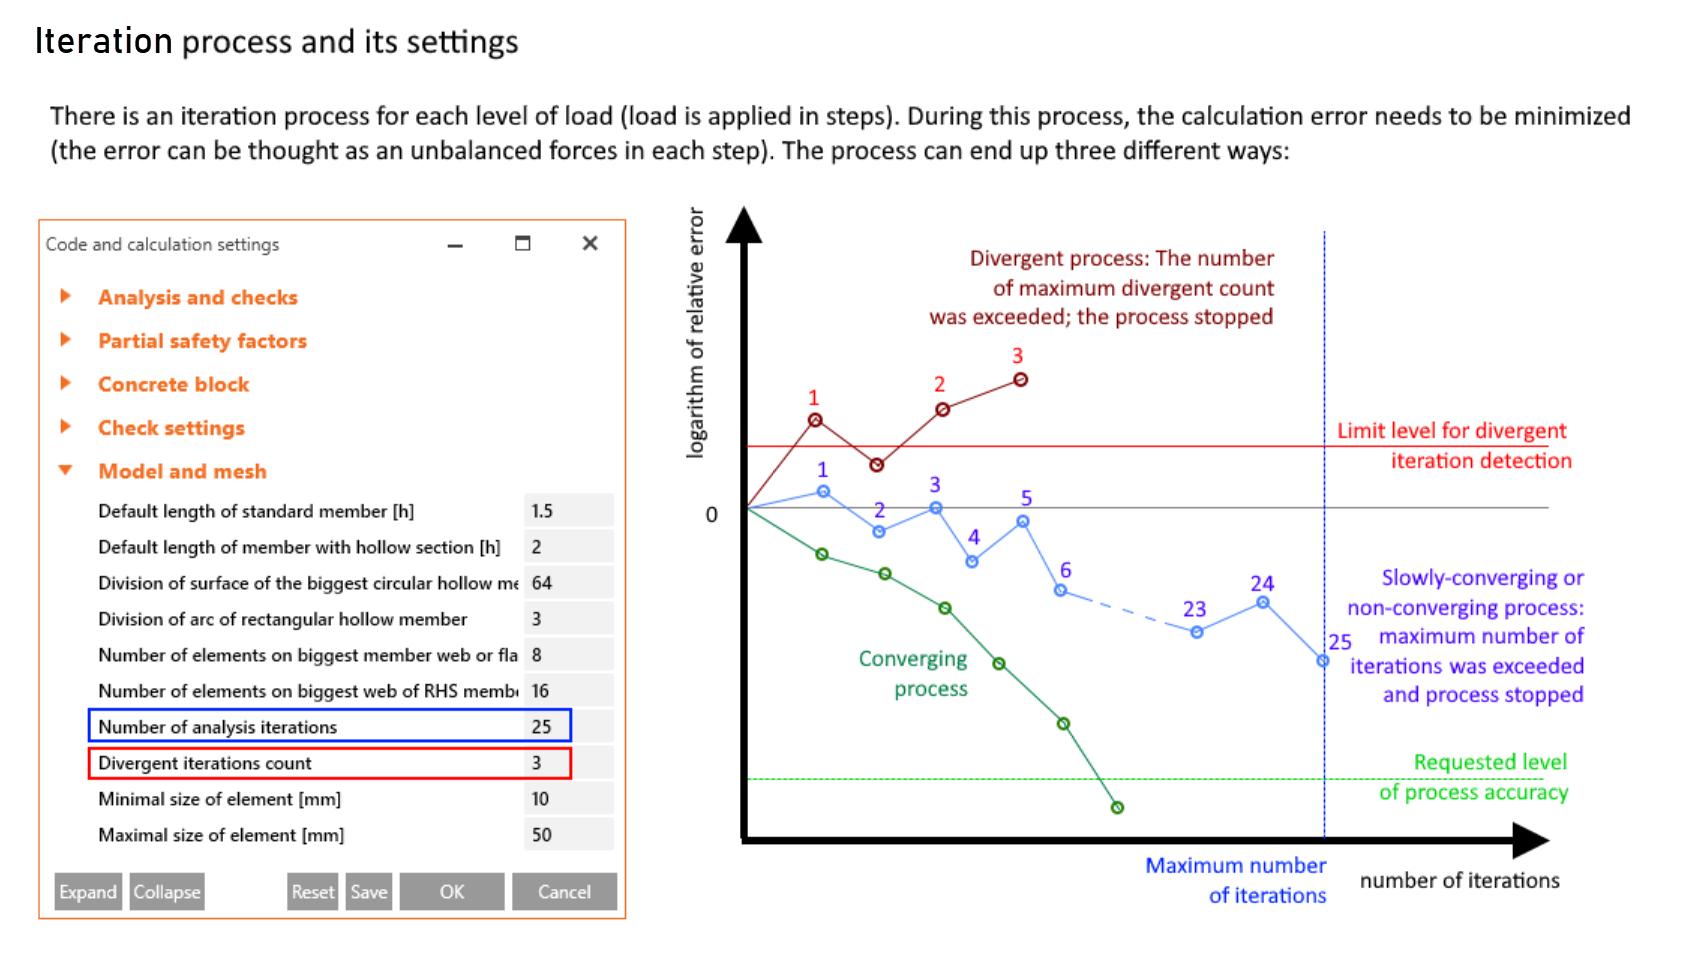 Divergentie iteraties en convergentie iteraties instellingen in IDEA StatiCa